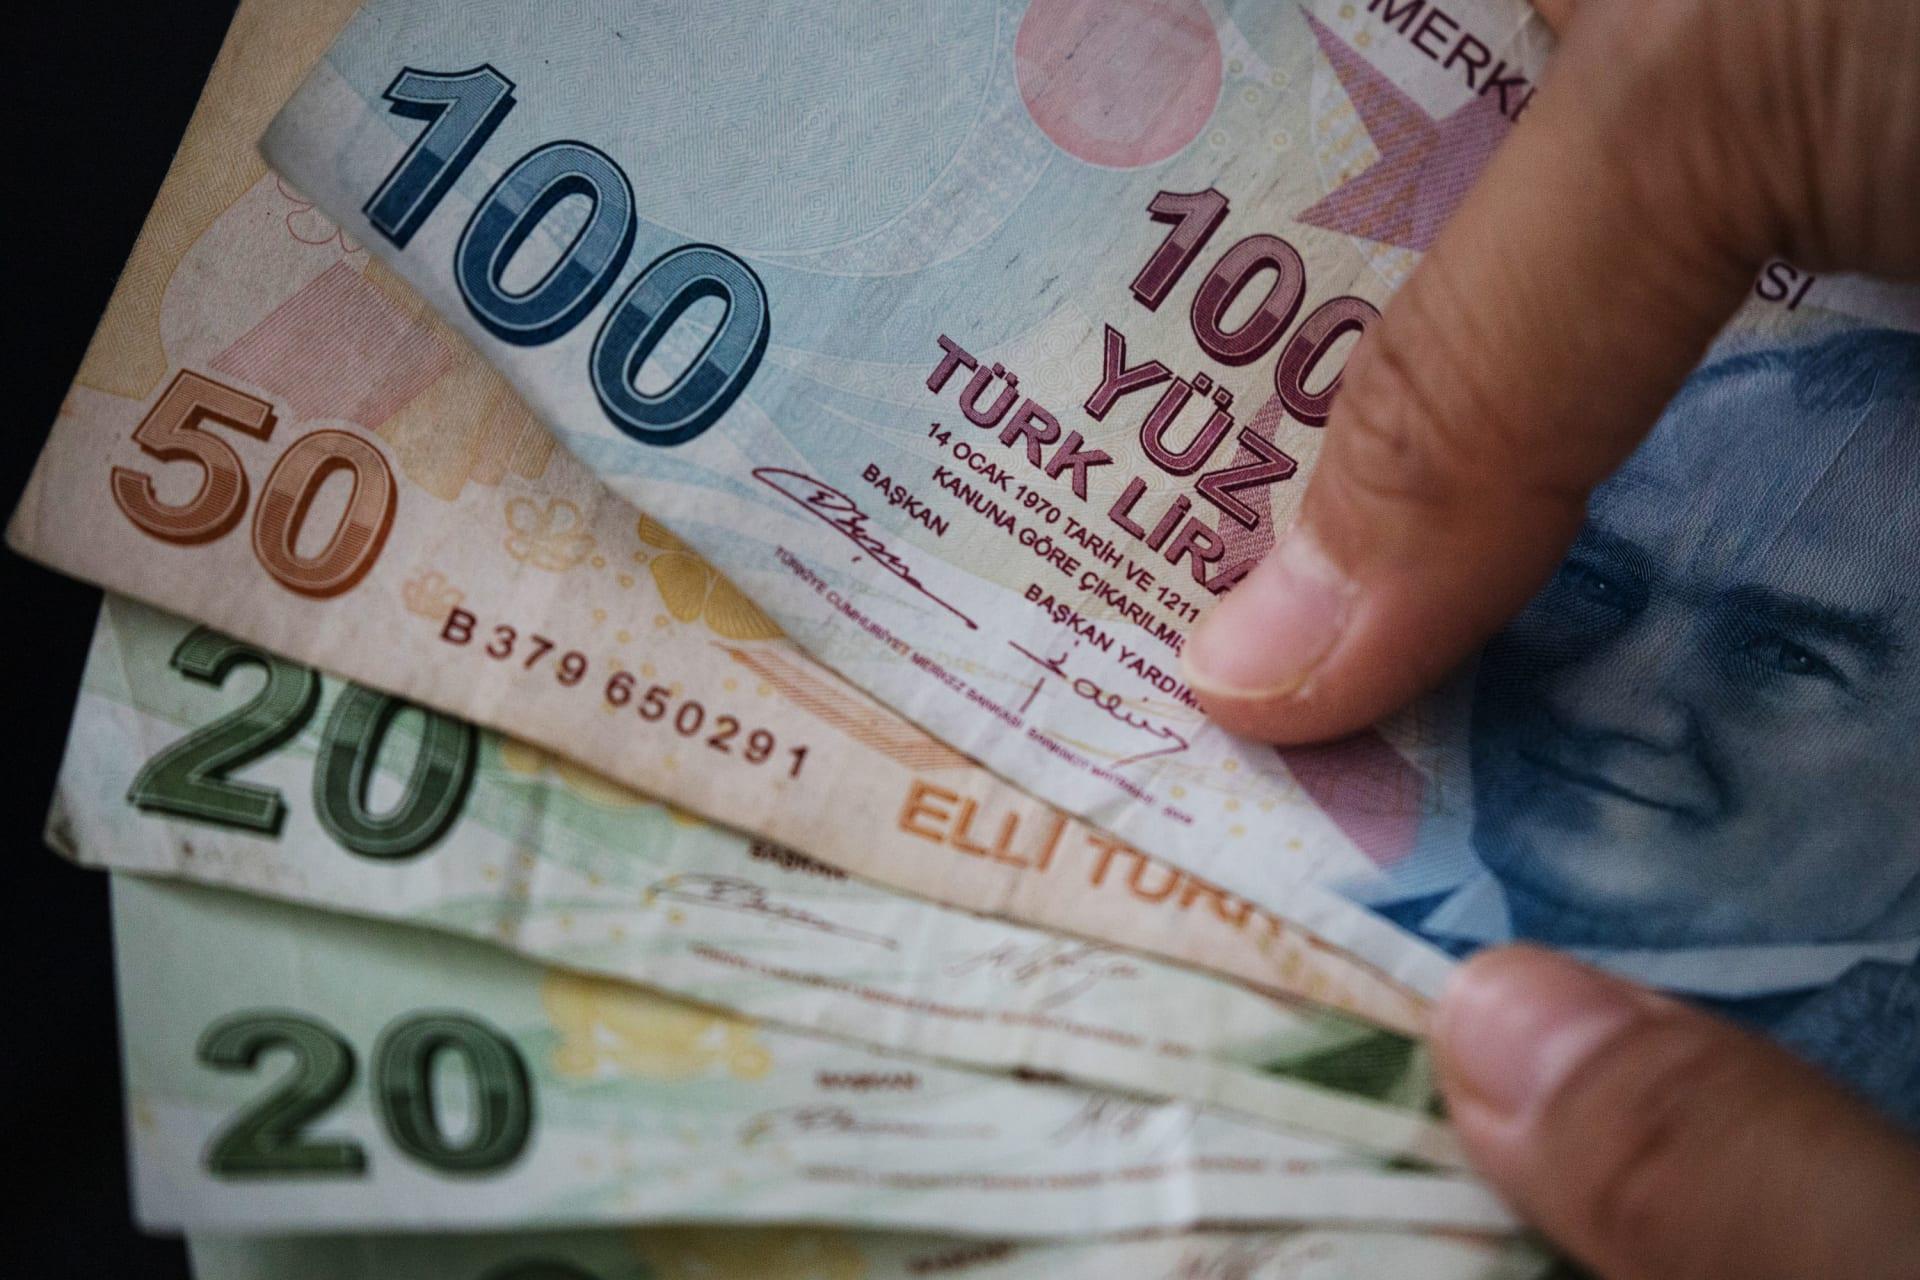 الودائع الأجنبية تفقد 18 مليار دولار في تركيا.. والتضخم يقفز